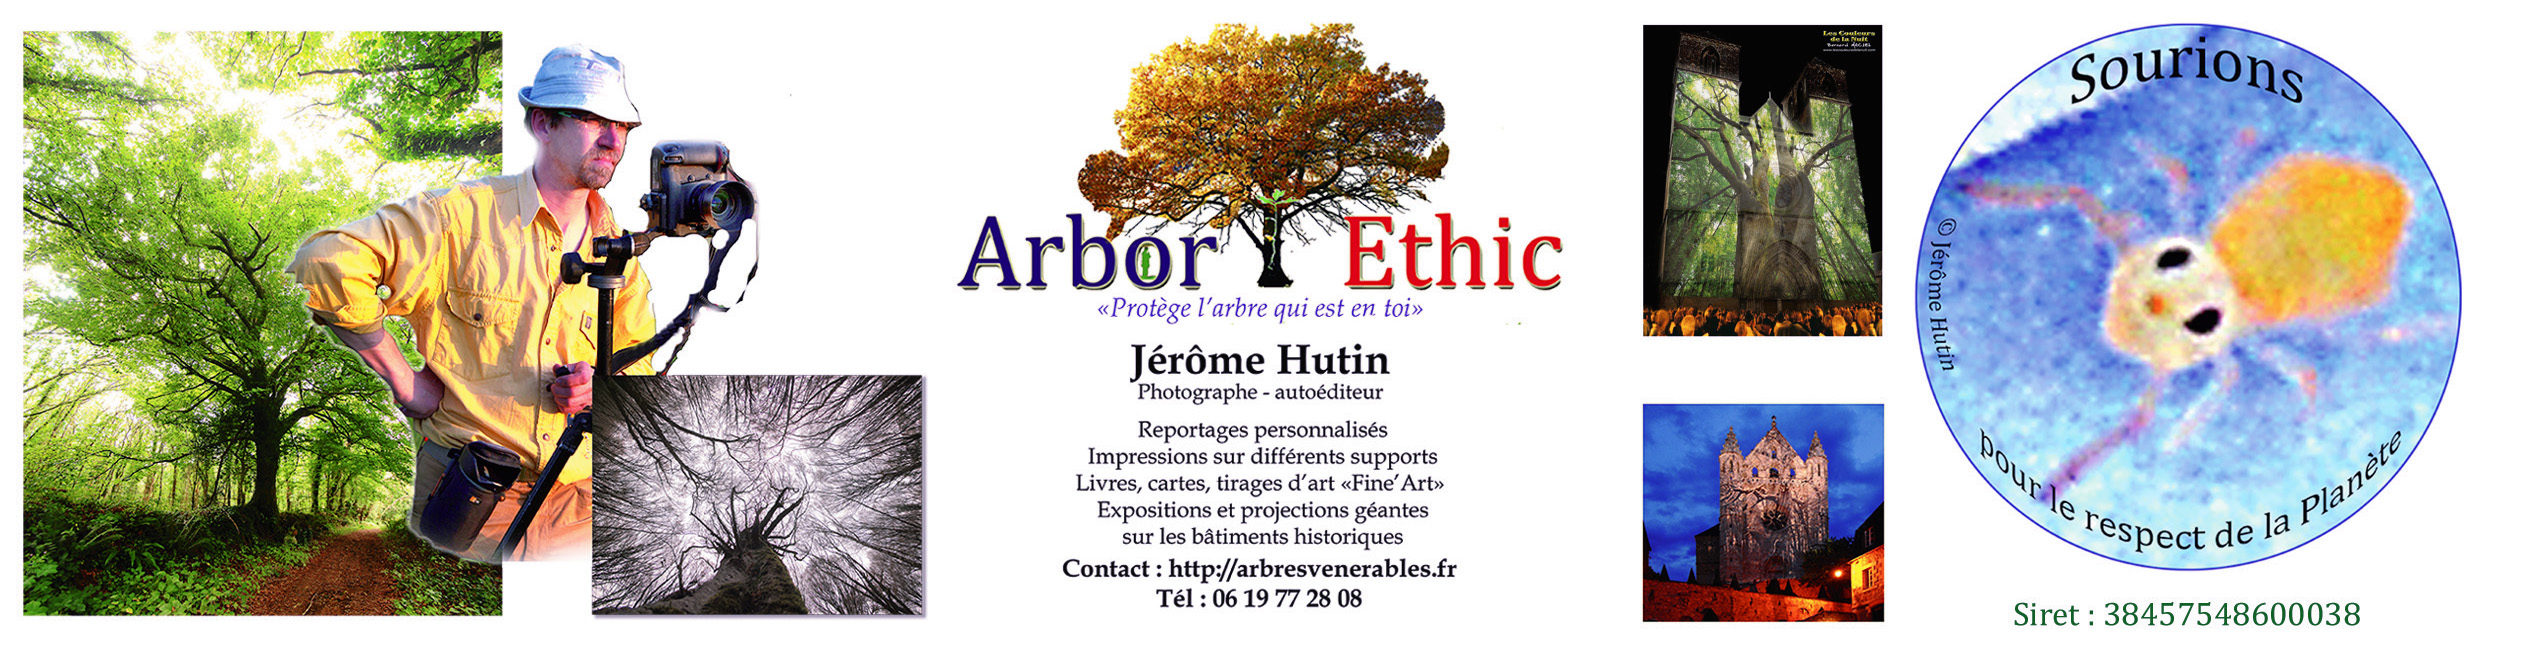 Jérôme Hutin – Photographe